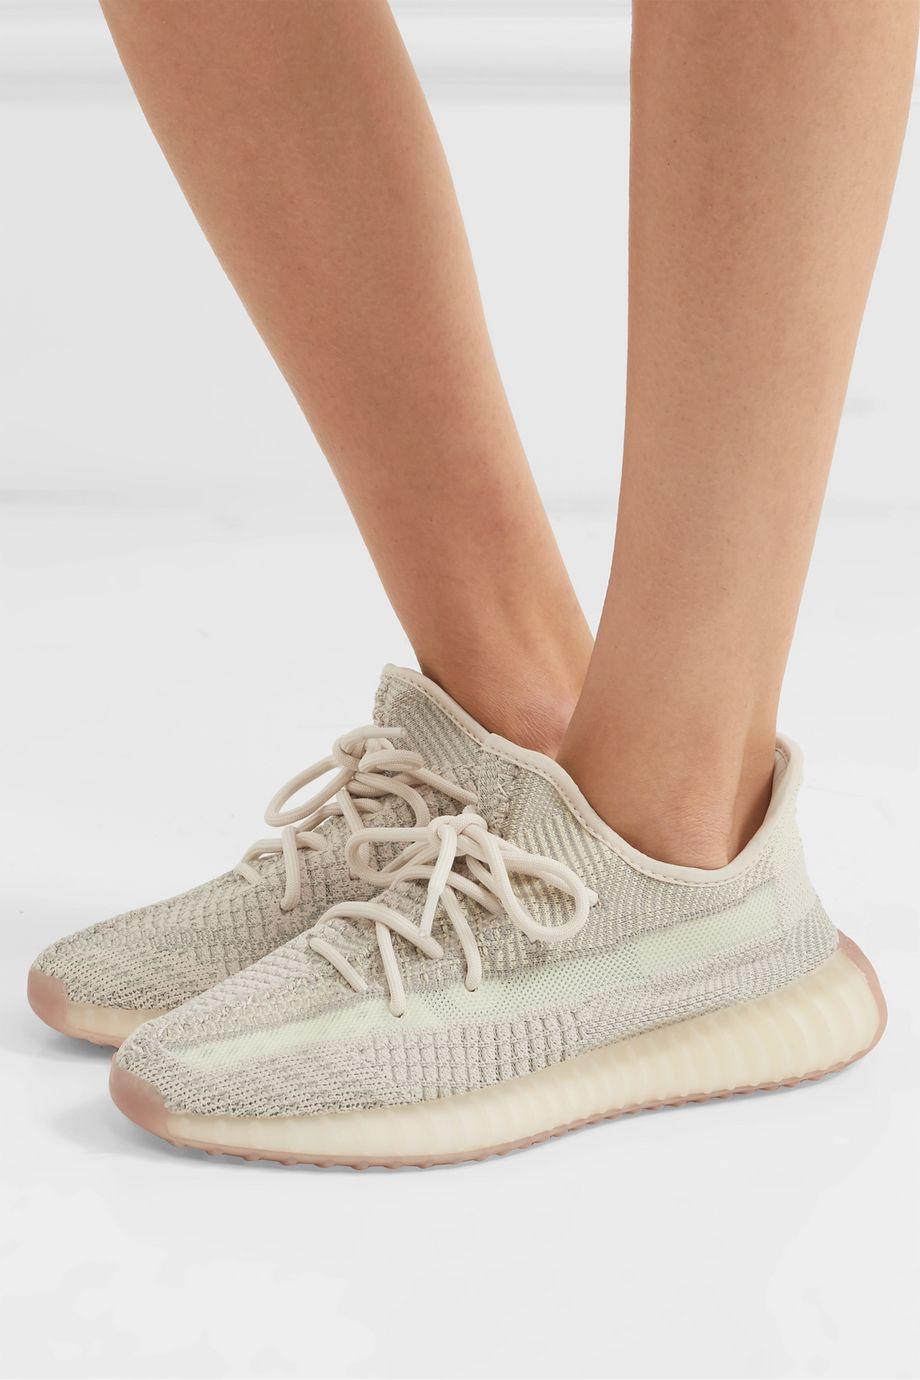 adidas Originals Baskets en Primeknit et en résille Yeezy Boost 350 V2